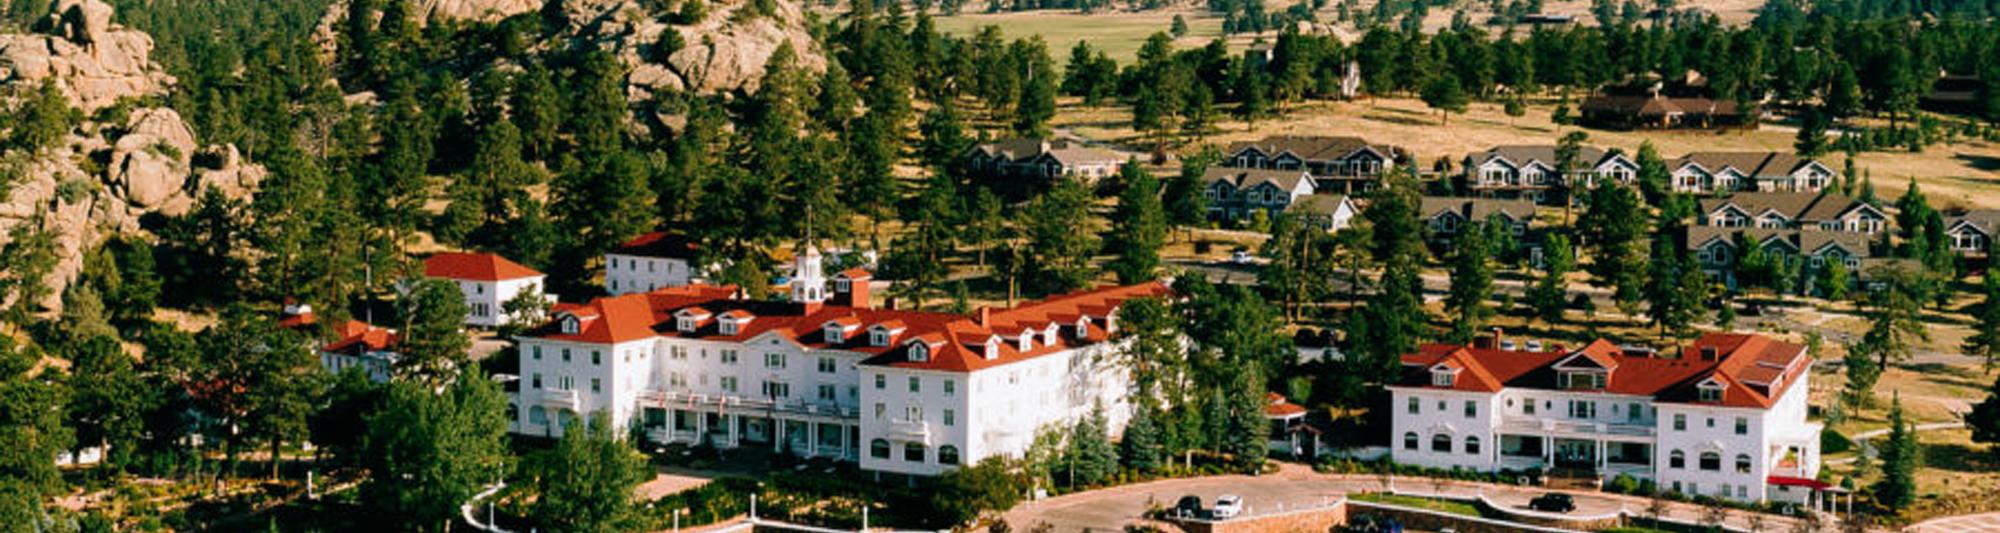 Stanley Hotel in Estes Park, Colorado